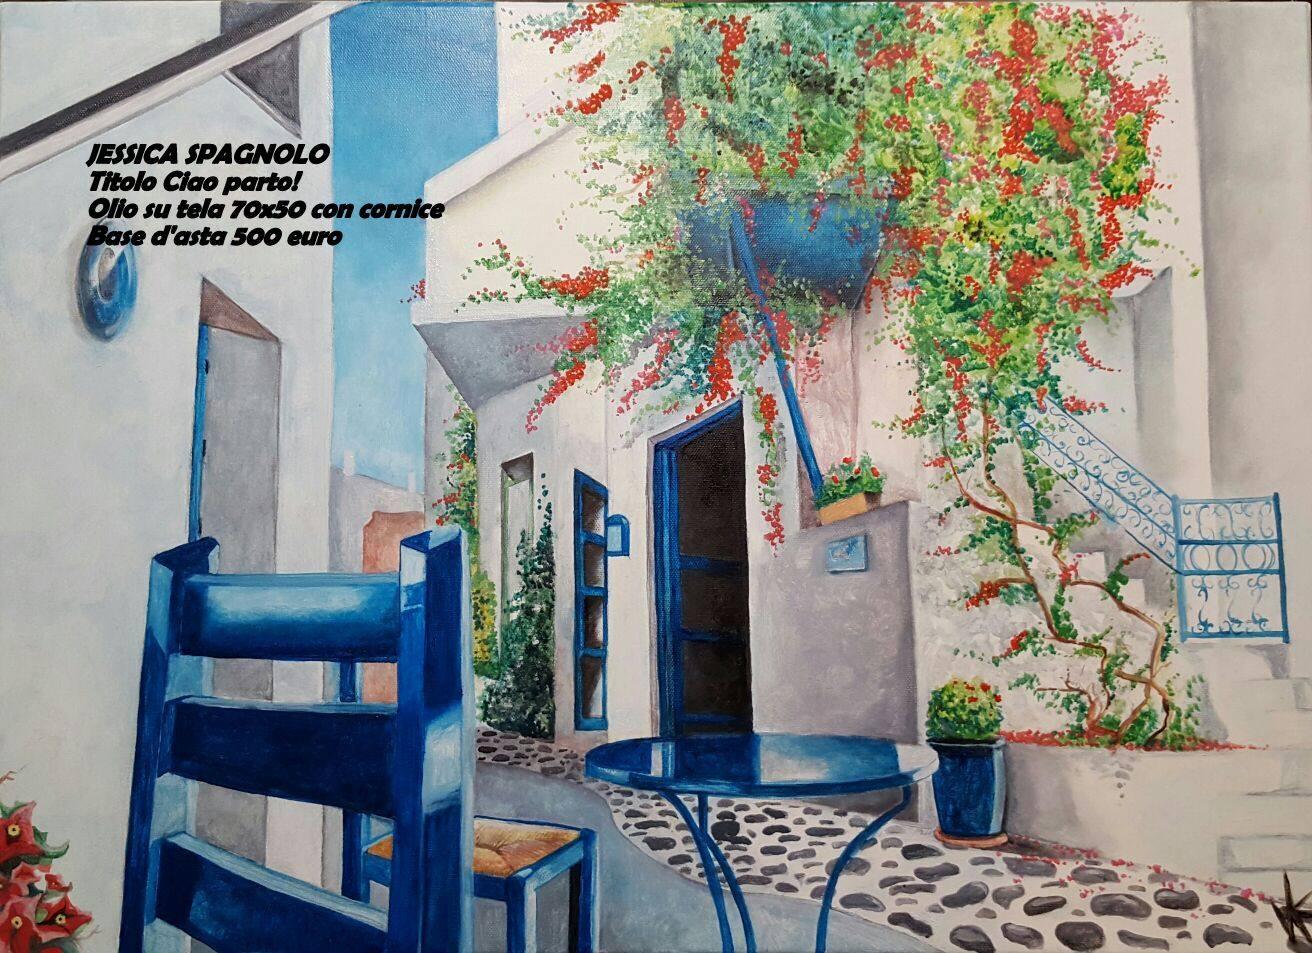 Artista Jessica spagnolo dipinto ciao parto